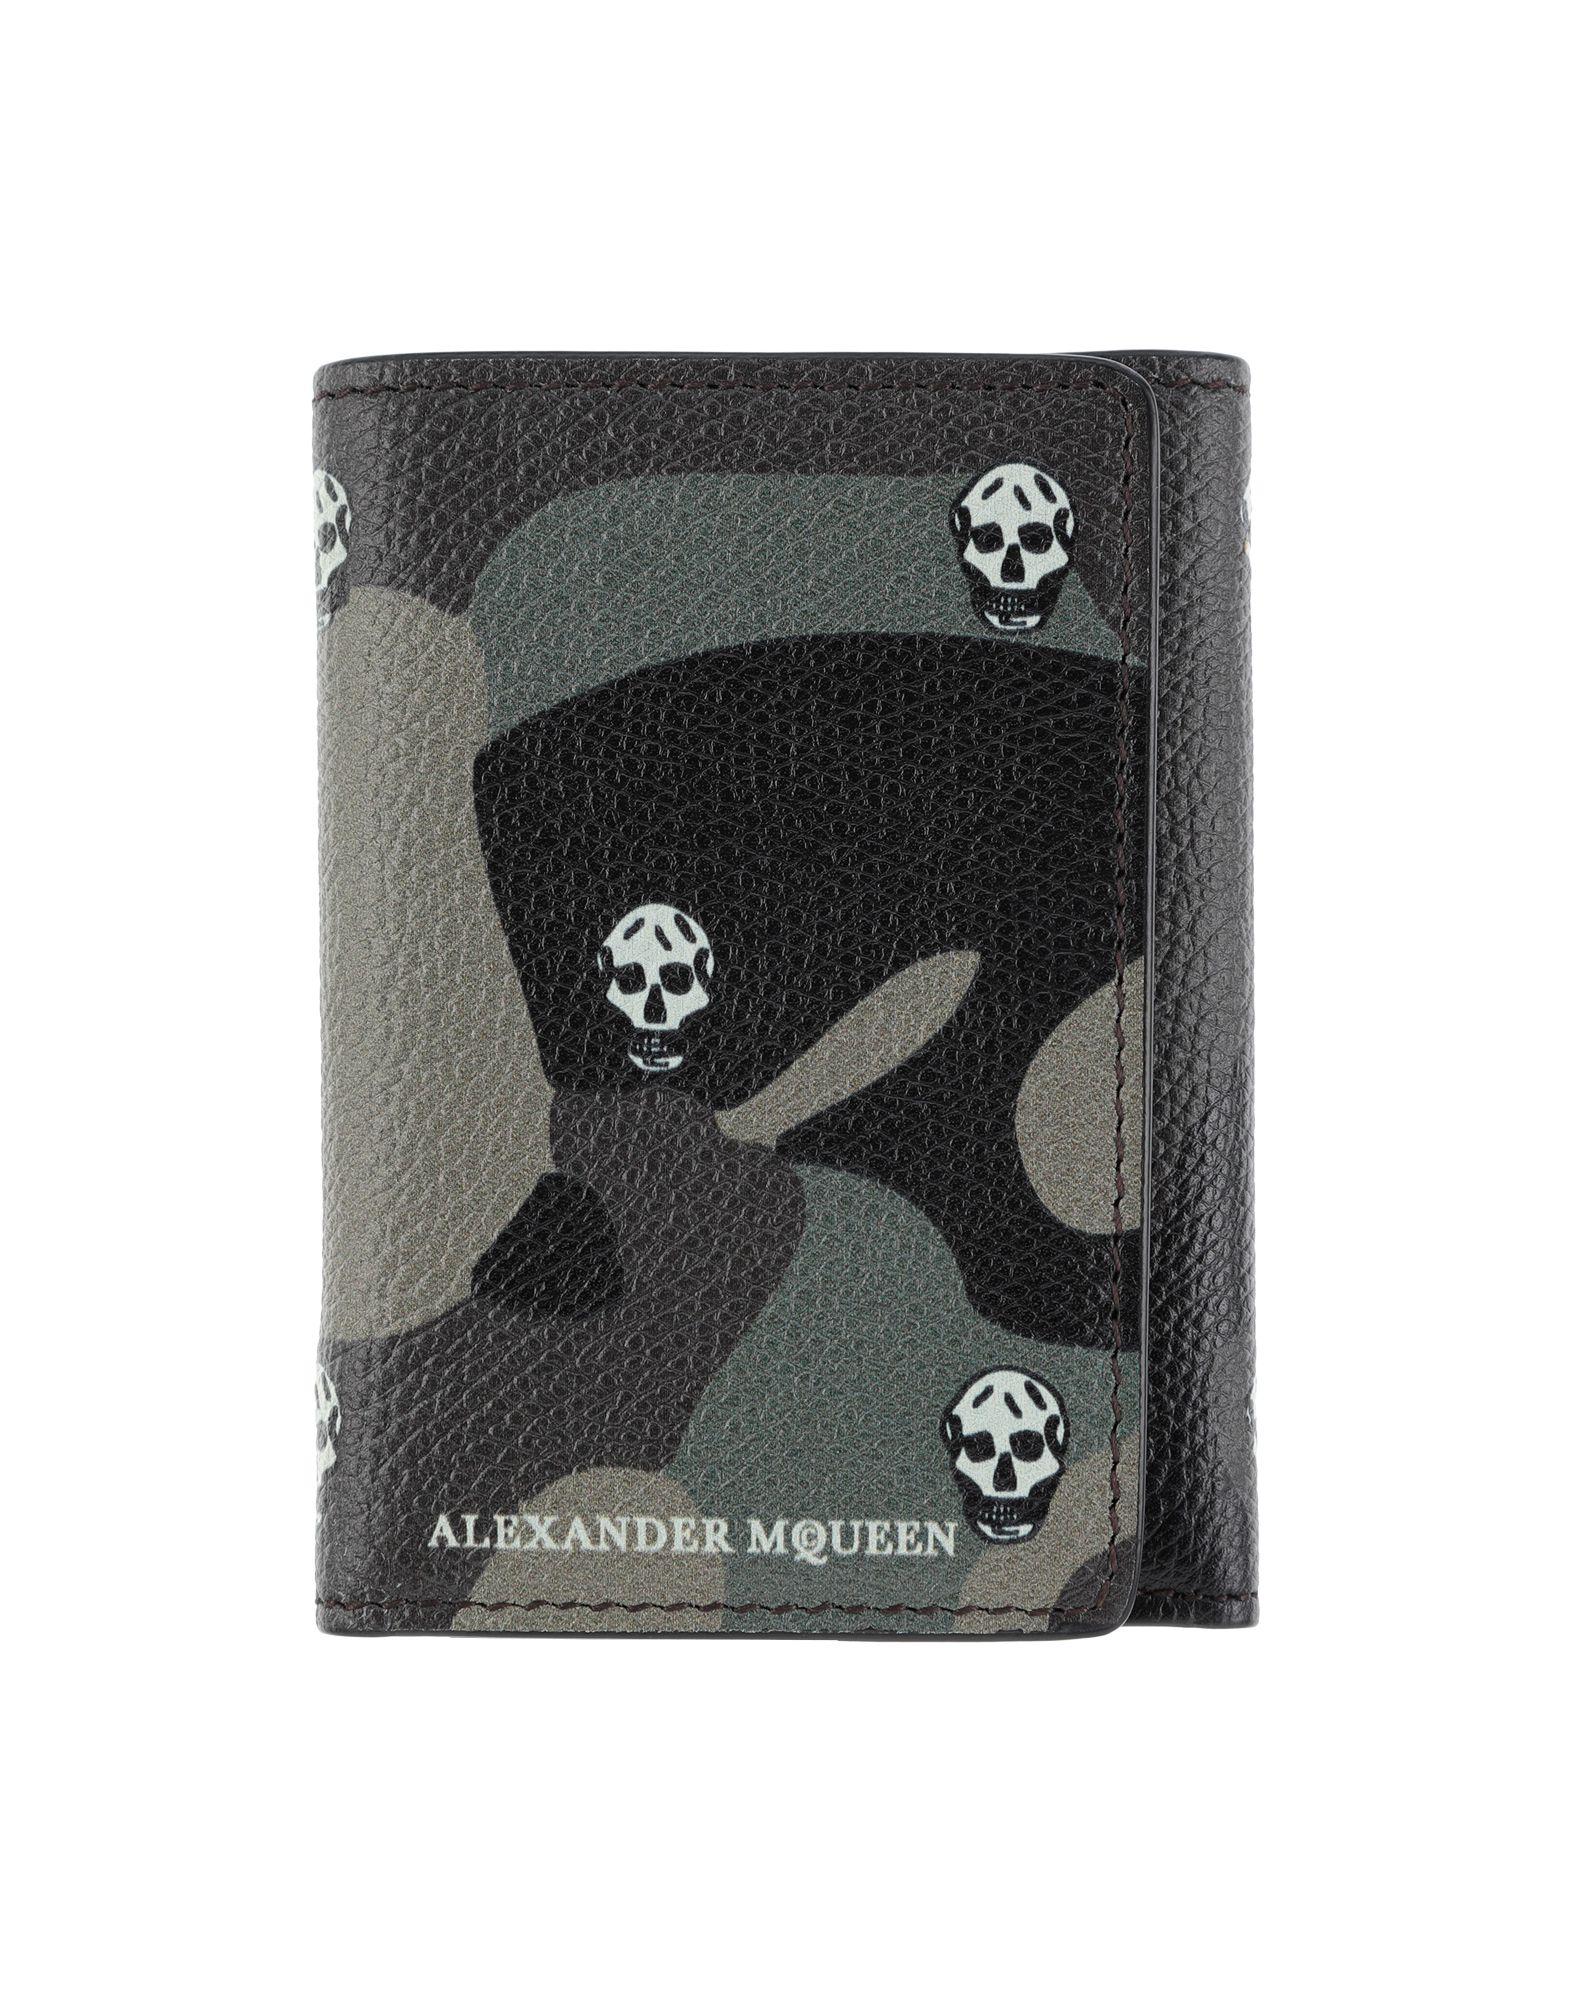 《送料無料》ALEXANDER MCQUEEN メンズ 財布 ミリタリーグリーン 革